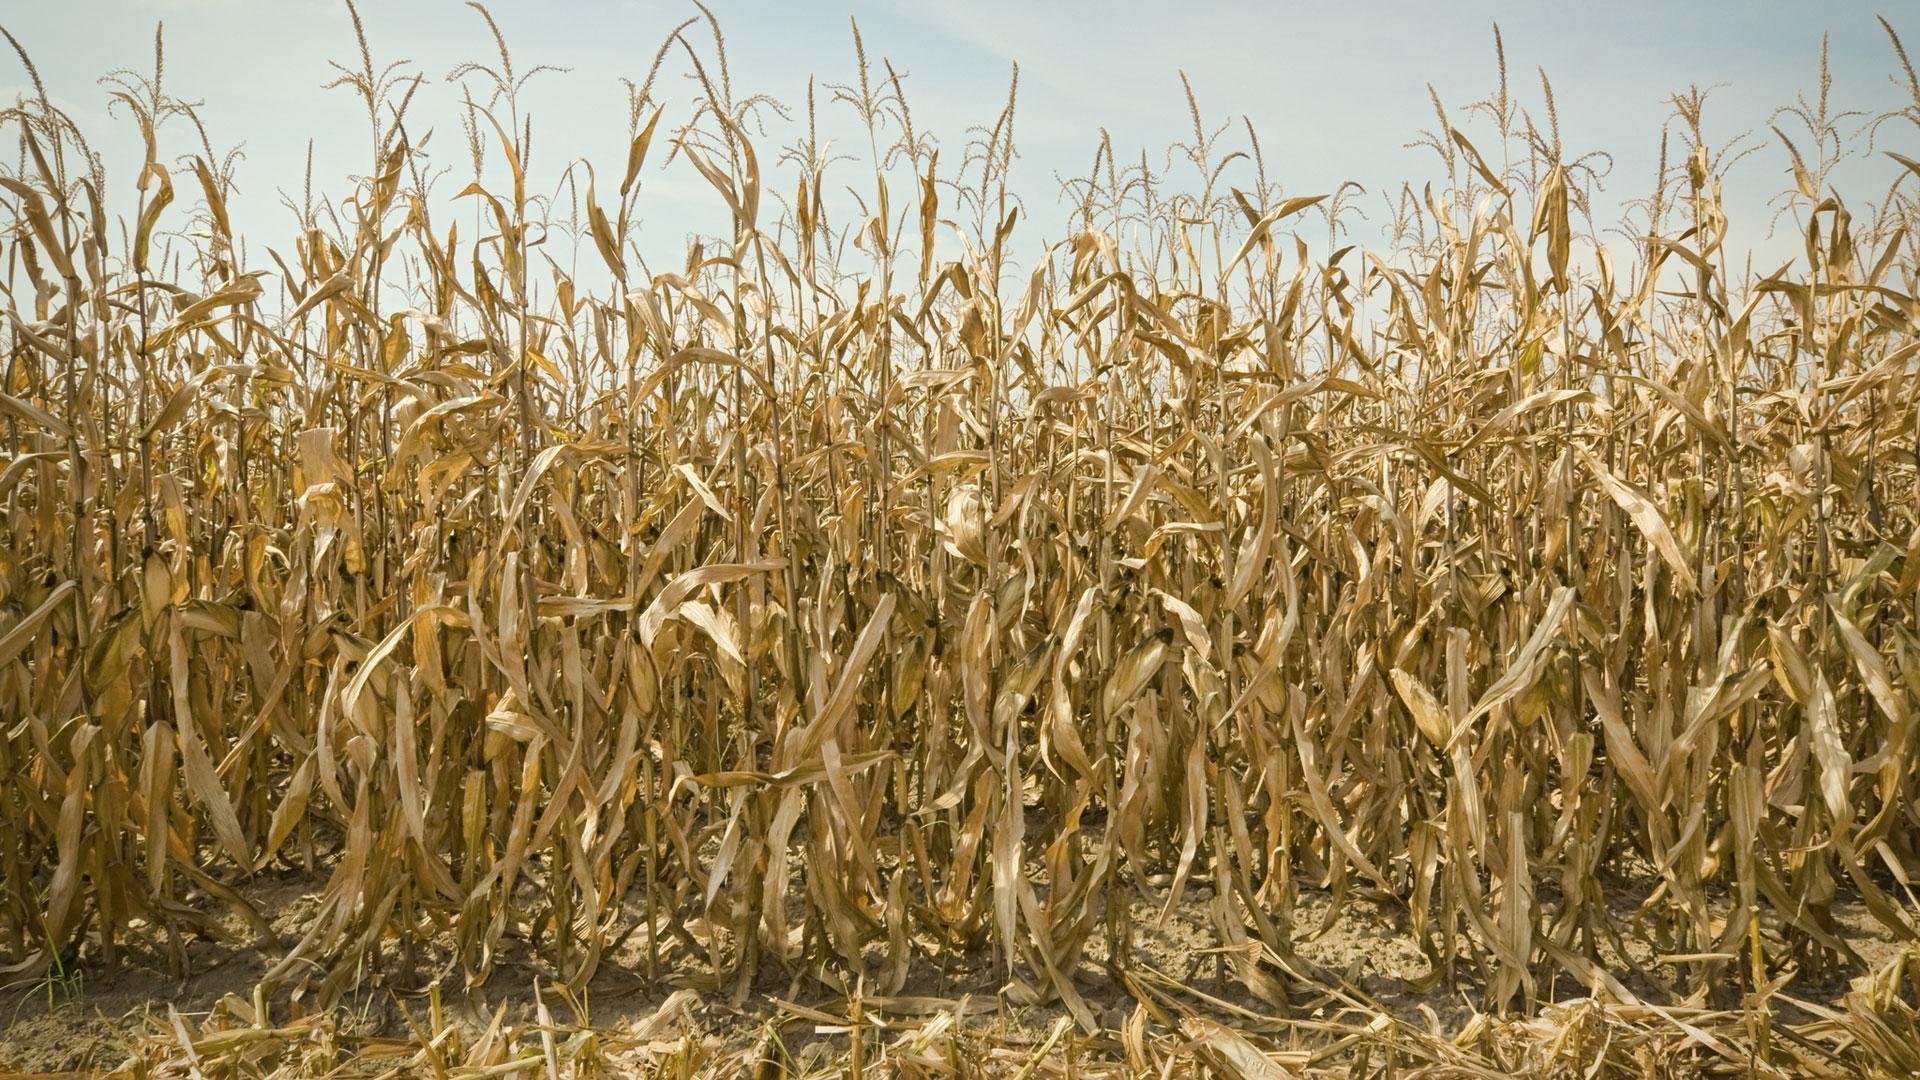 La cosecha de maíz se focaliza en el centro del área agrícola, en las provincias de Córdoba, Santa Fe y Buenos Aires